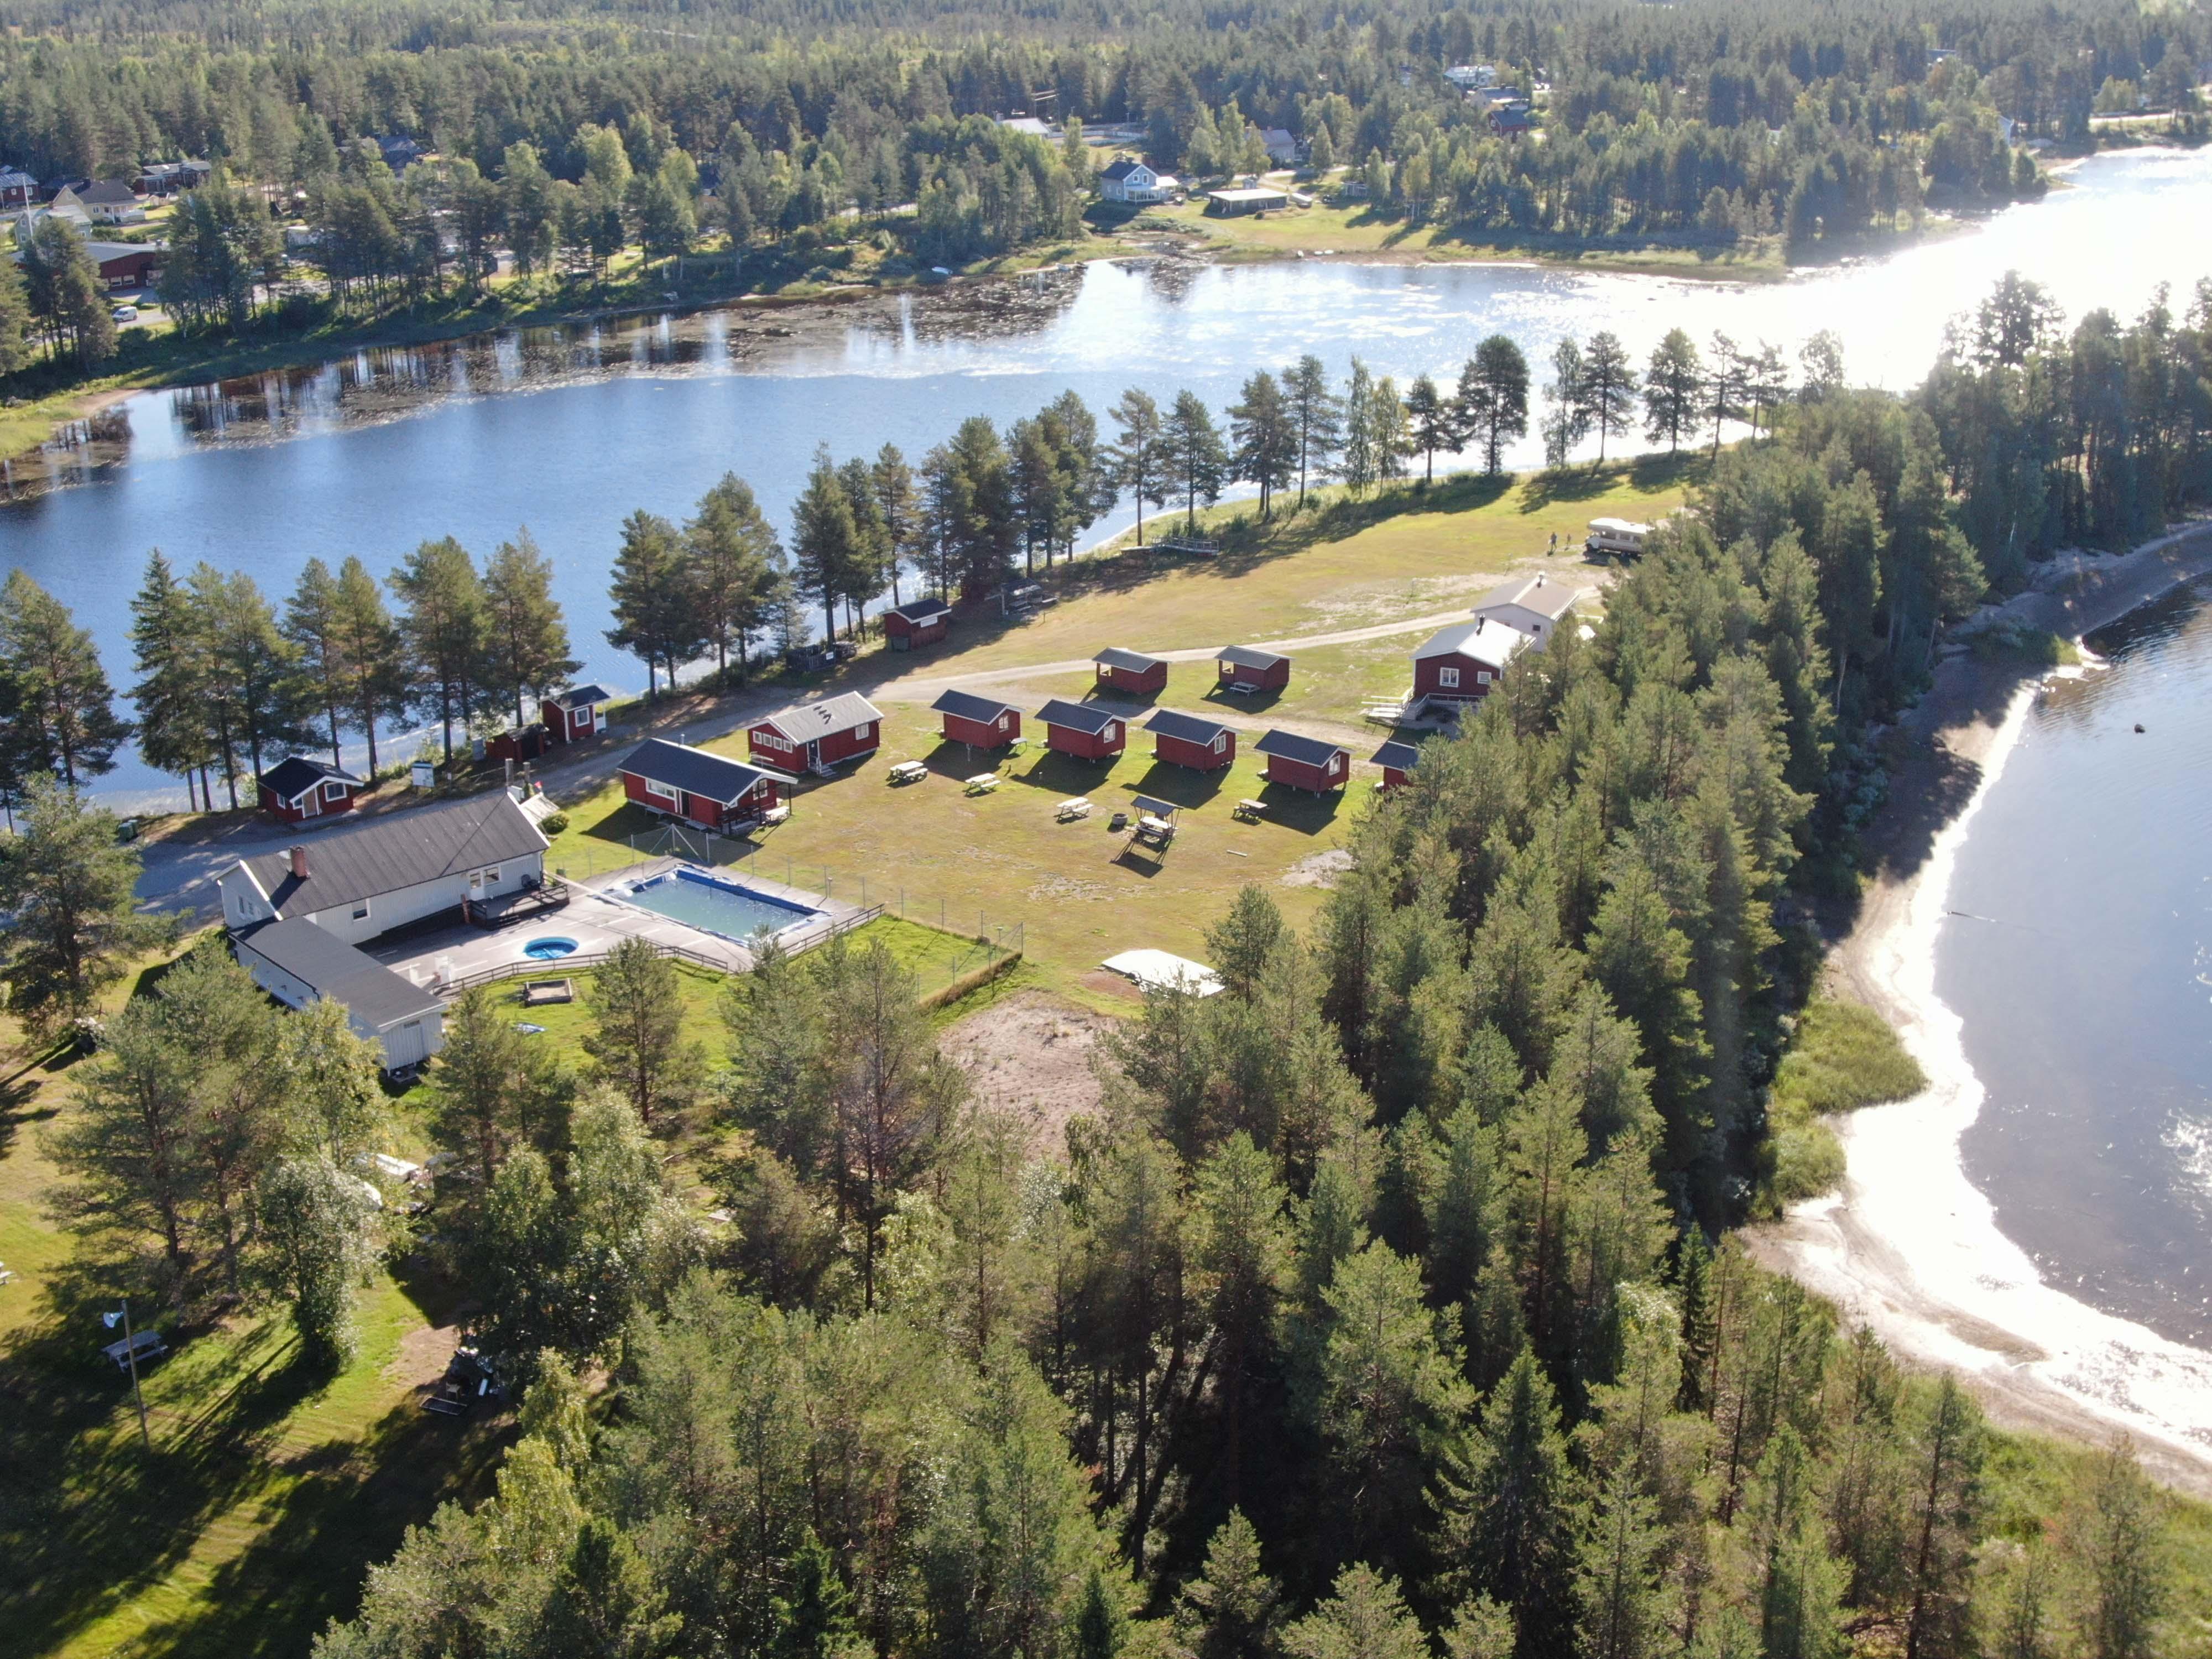 Fiskecamp03